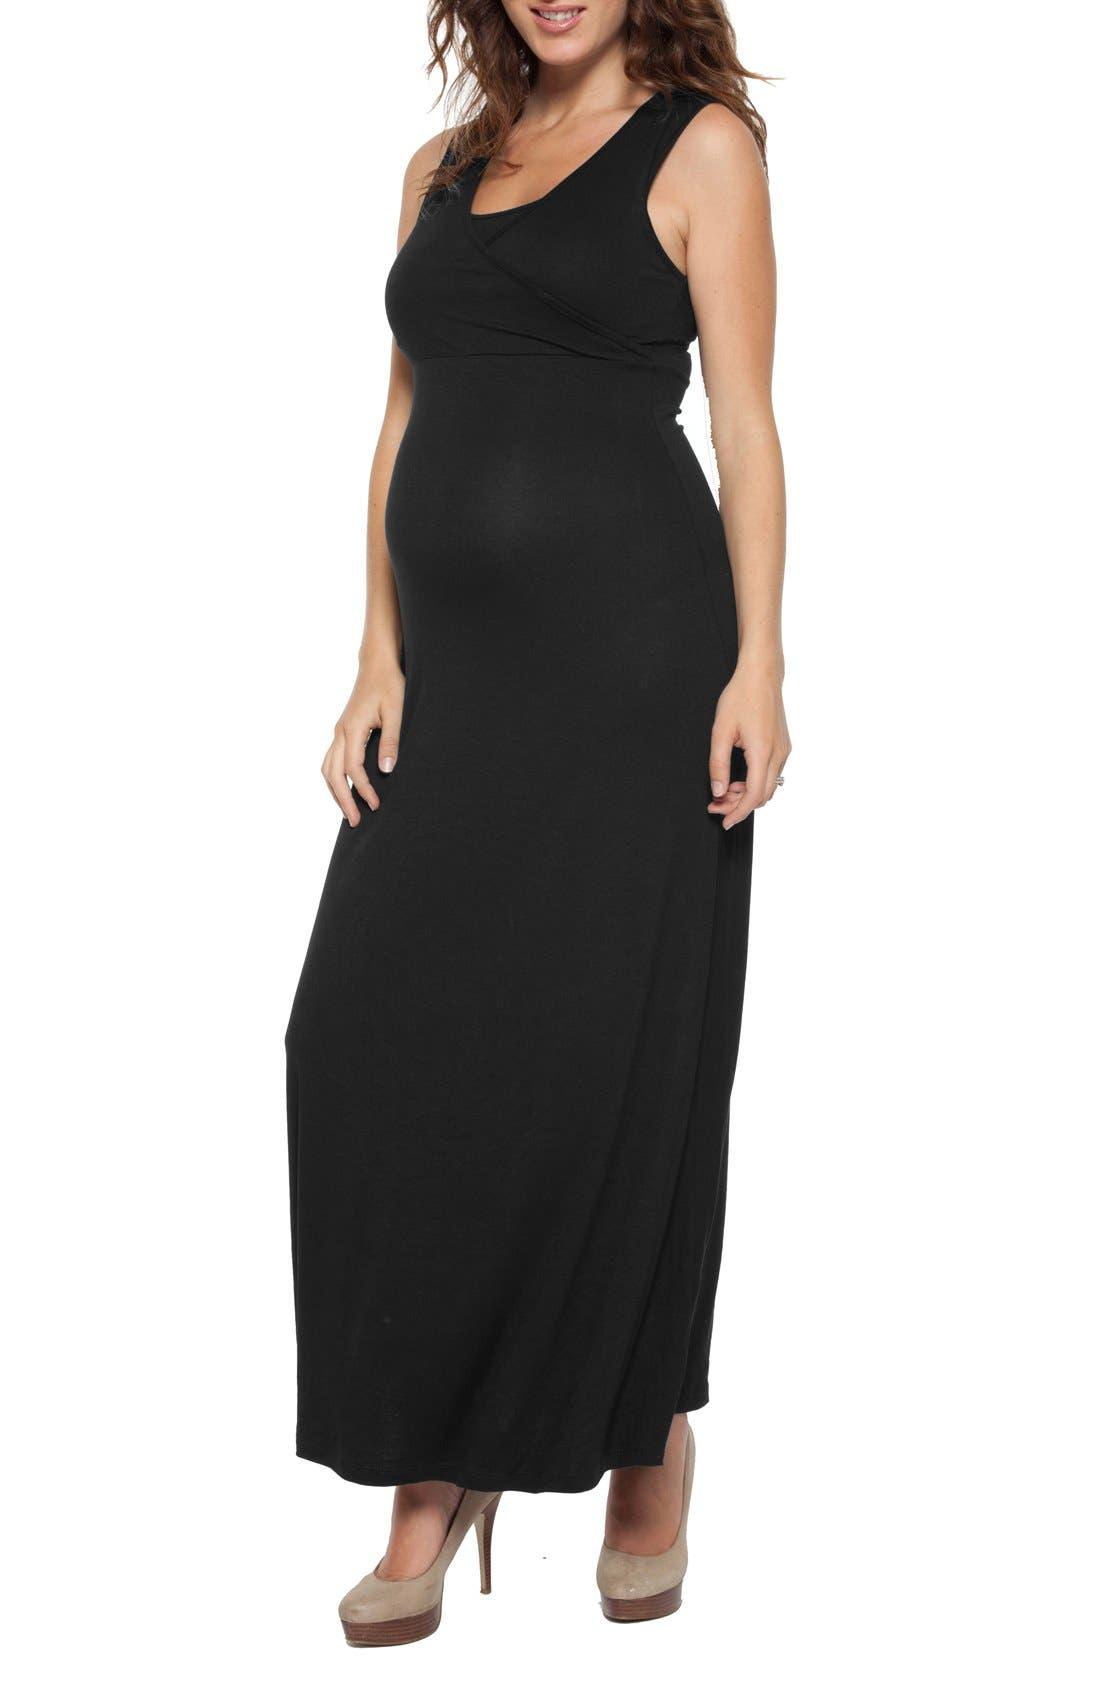 Nom Maternity Jersey Maternity/Nursing Dress